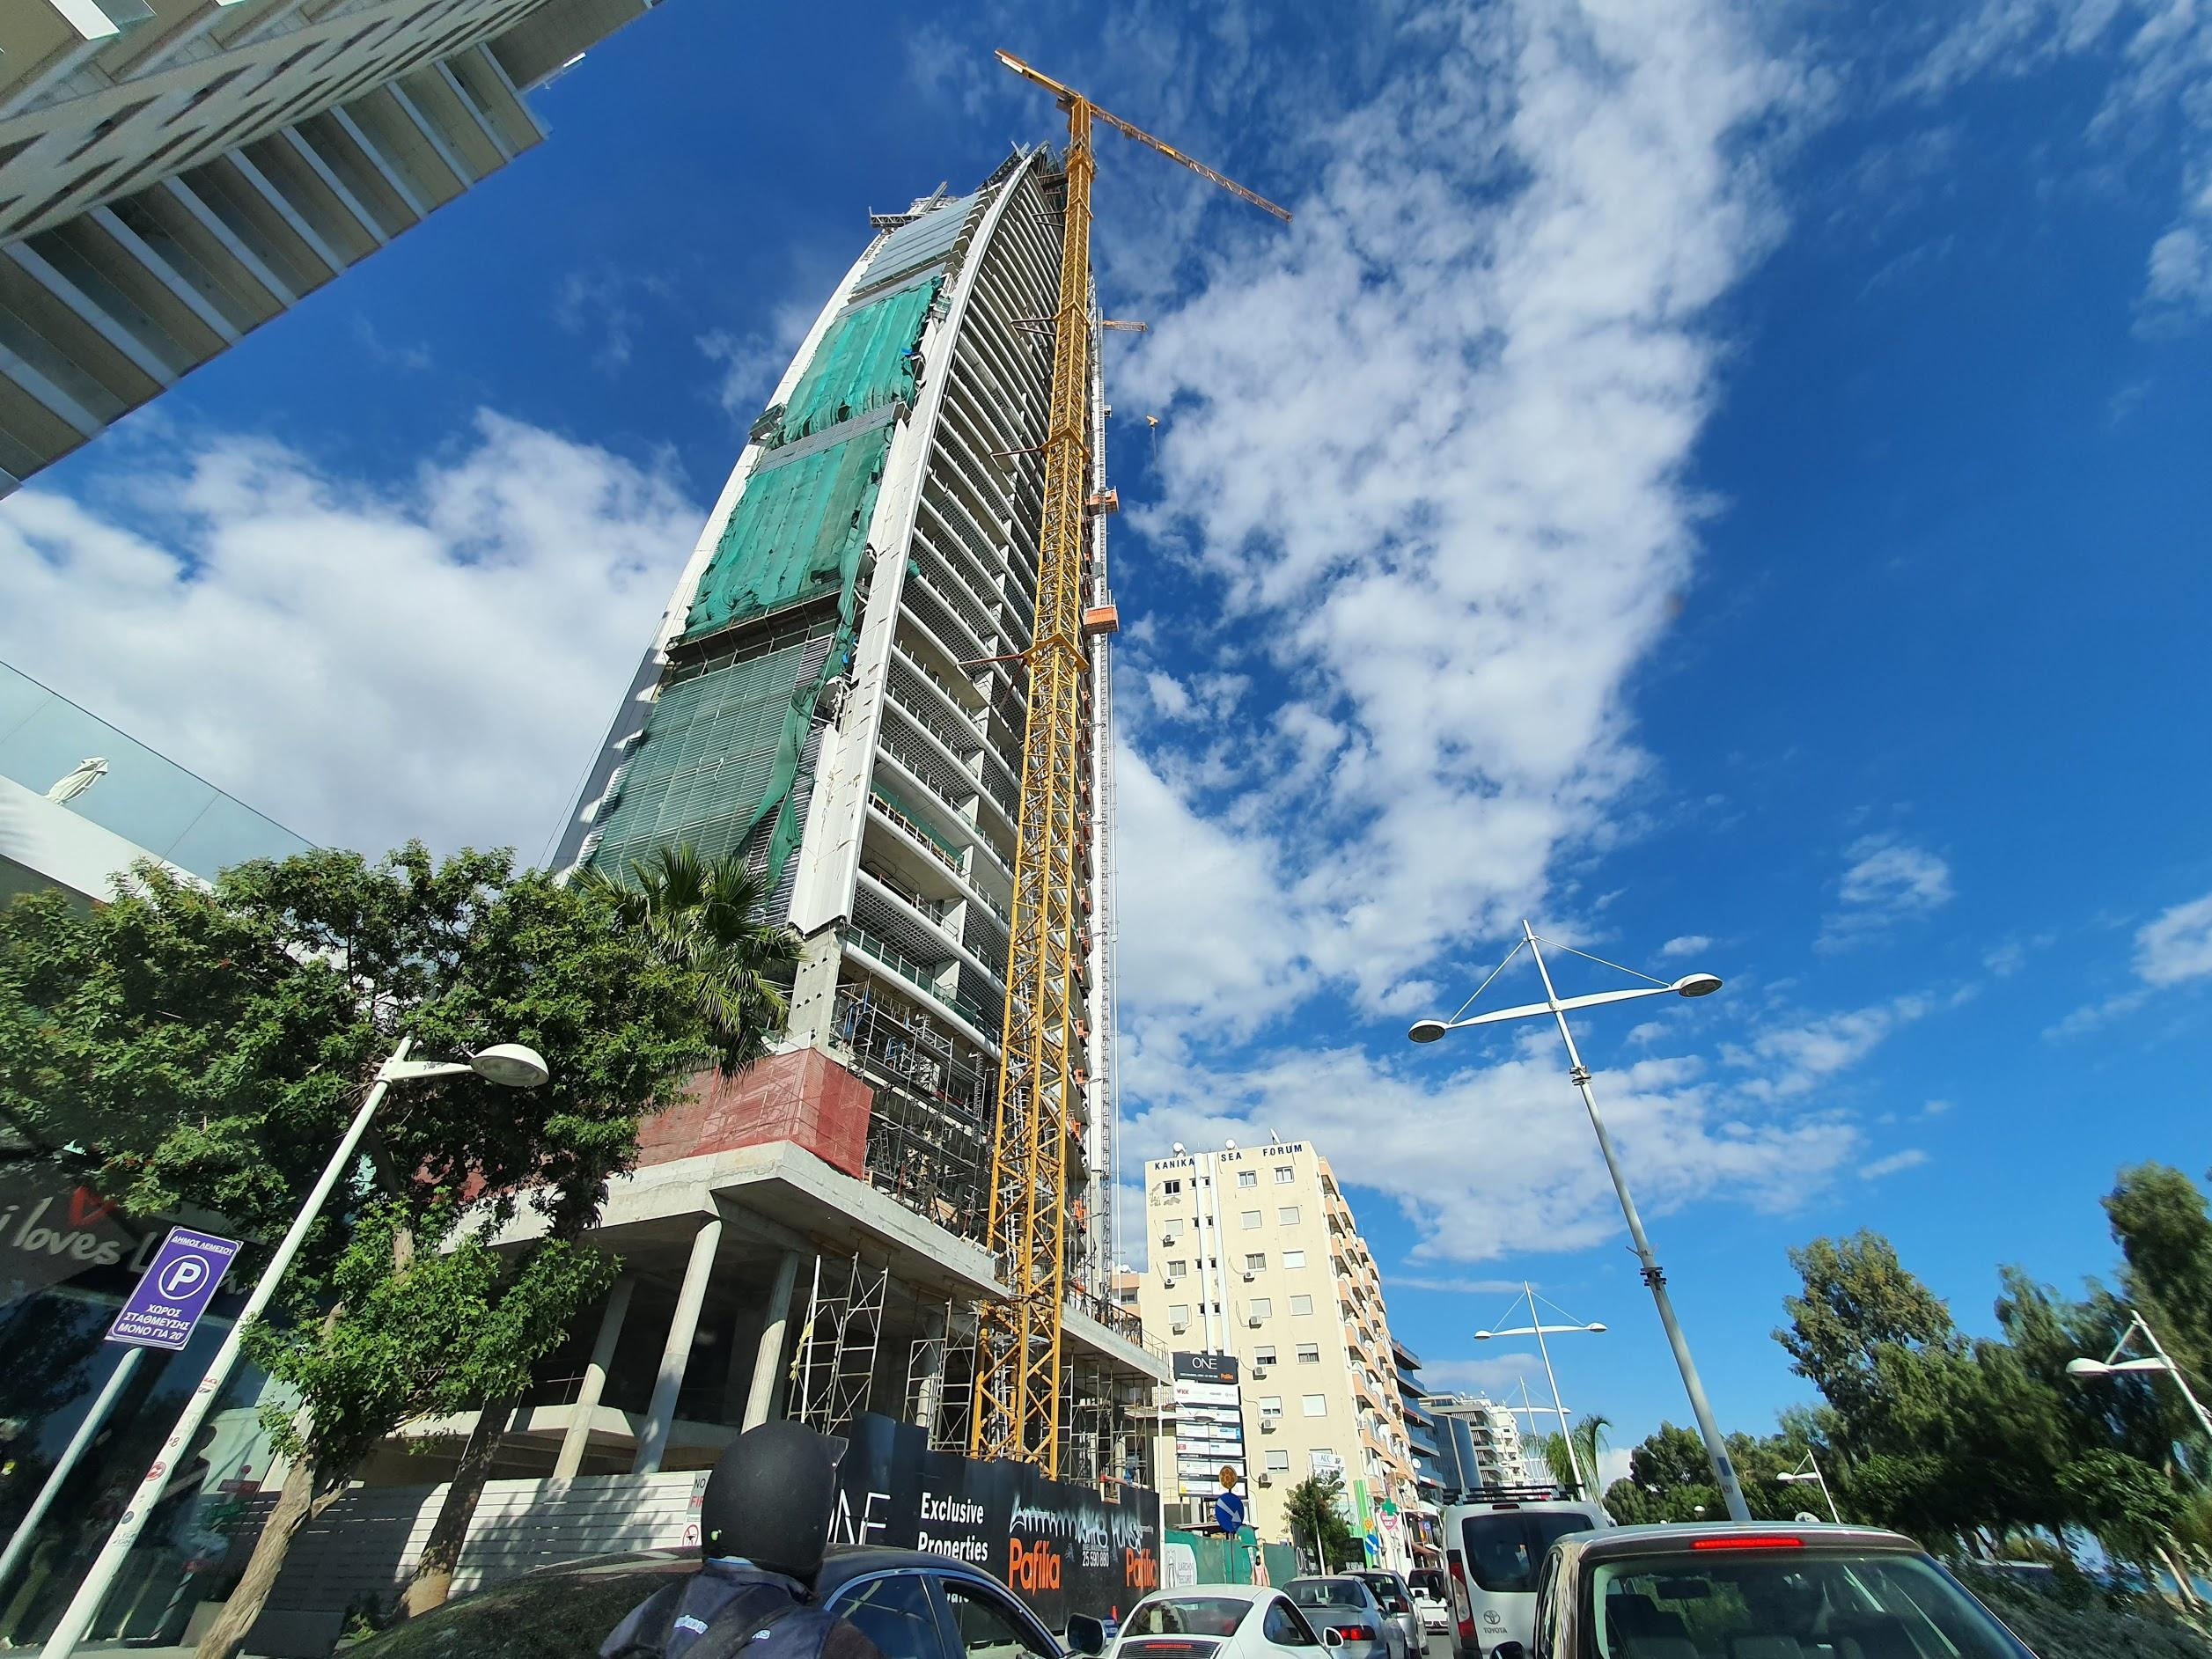 Лимассол - лидер в продажах и аренде недвижимости на Кипре